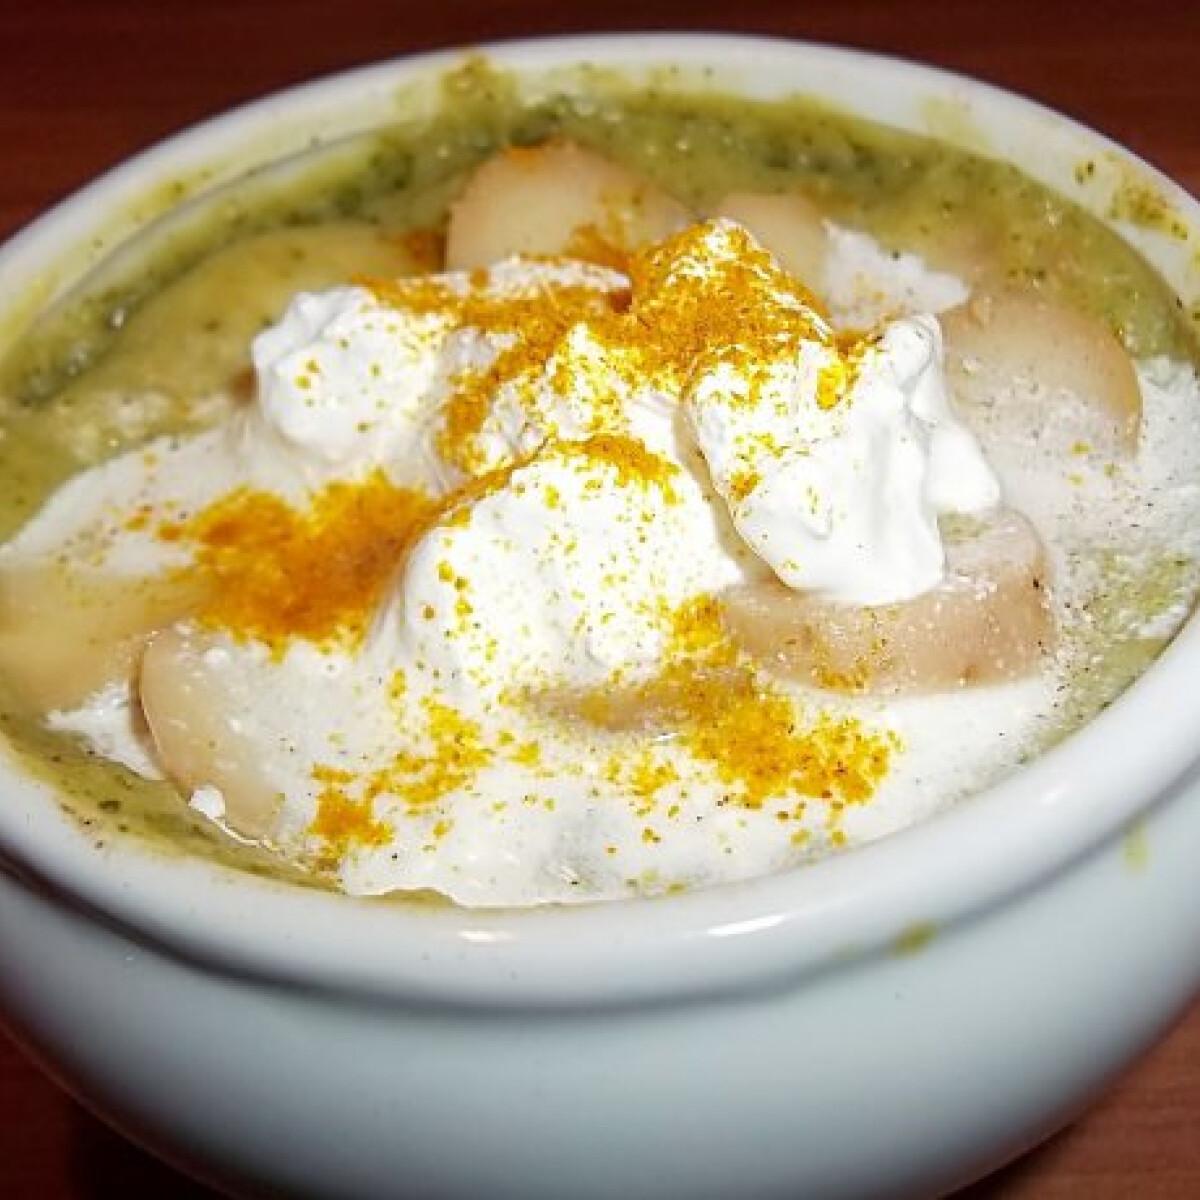 Ezen a képen: Tejfölös-currys brokkolikrémleves sok krumplival és kurkumával